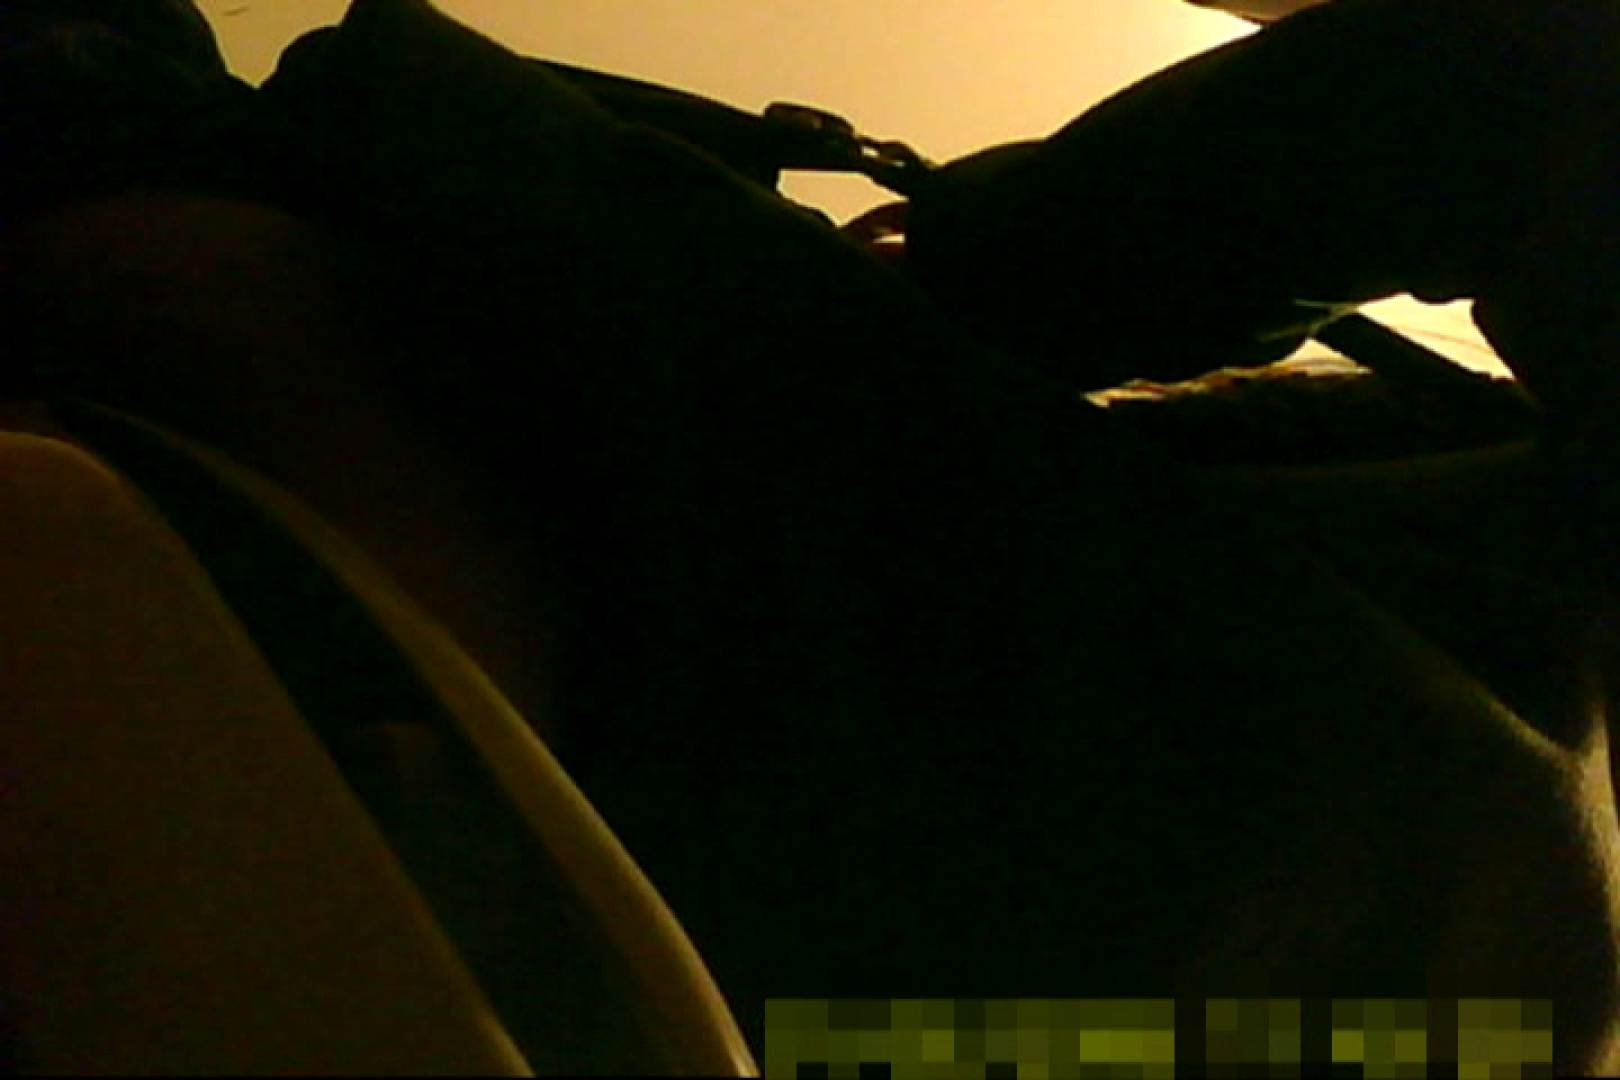 魅惑の化粧室~禁断のプライベート空間~12 盗撮 ぱこり動画紹介 97pic 90